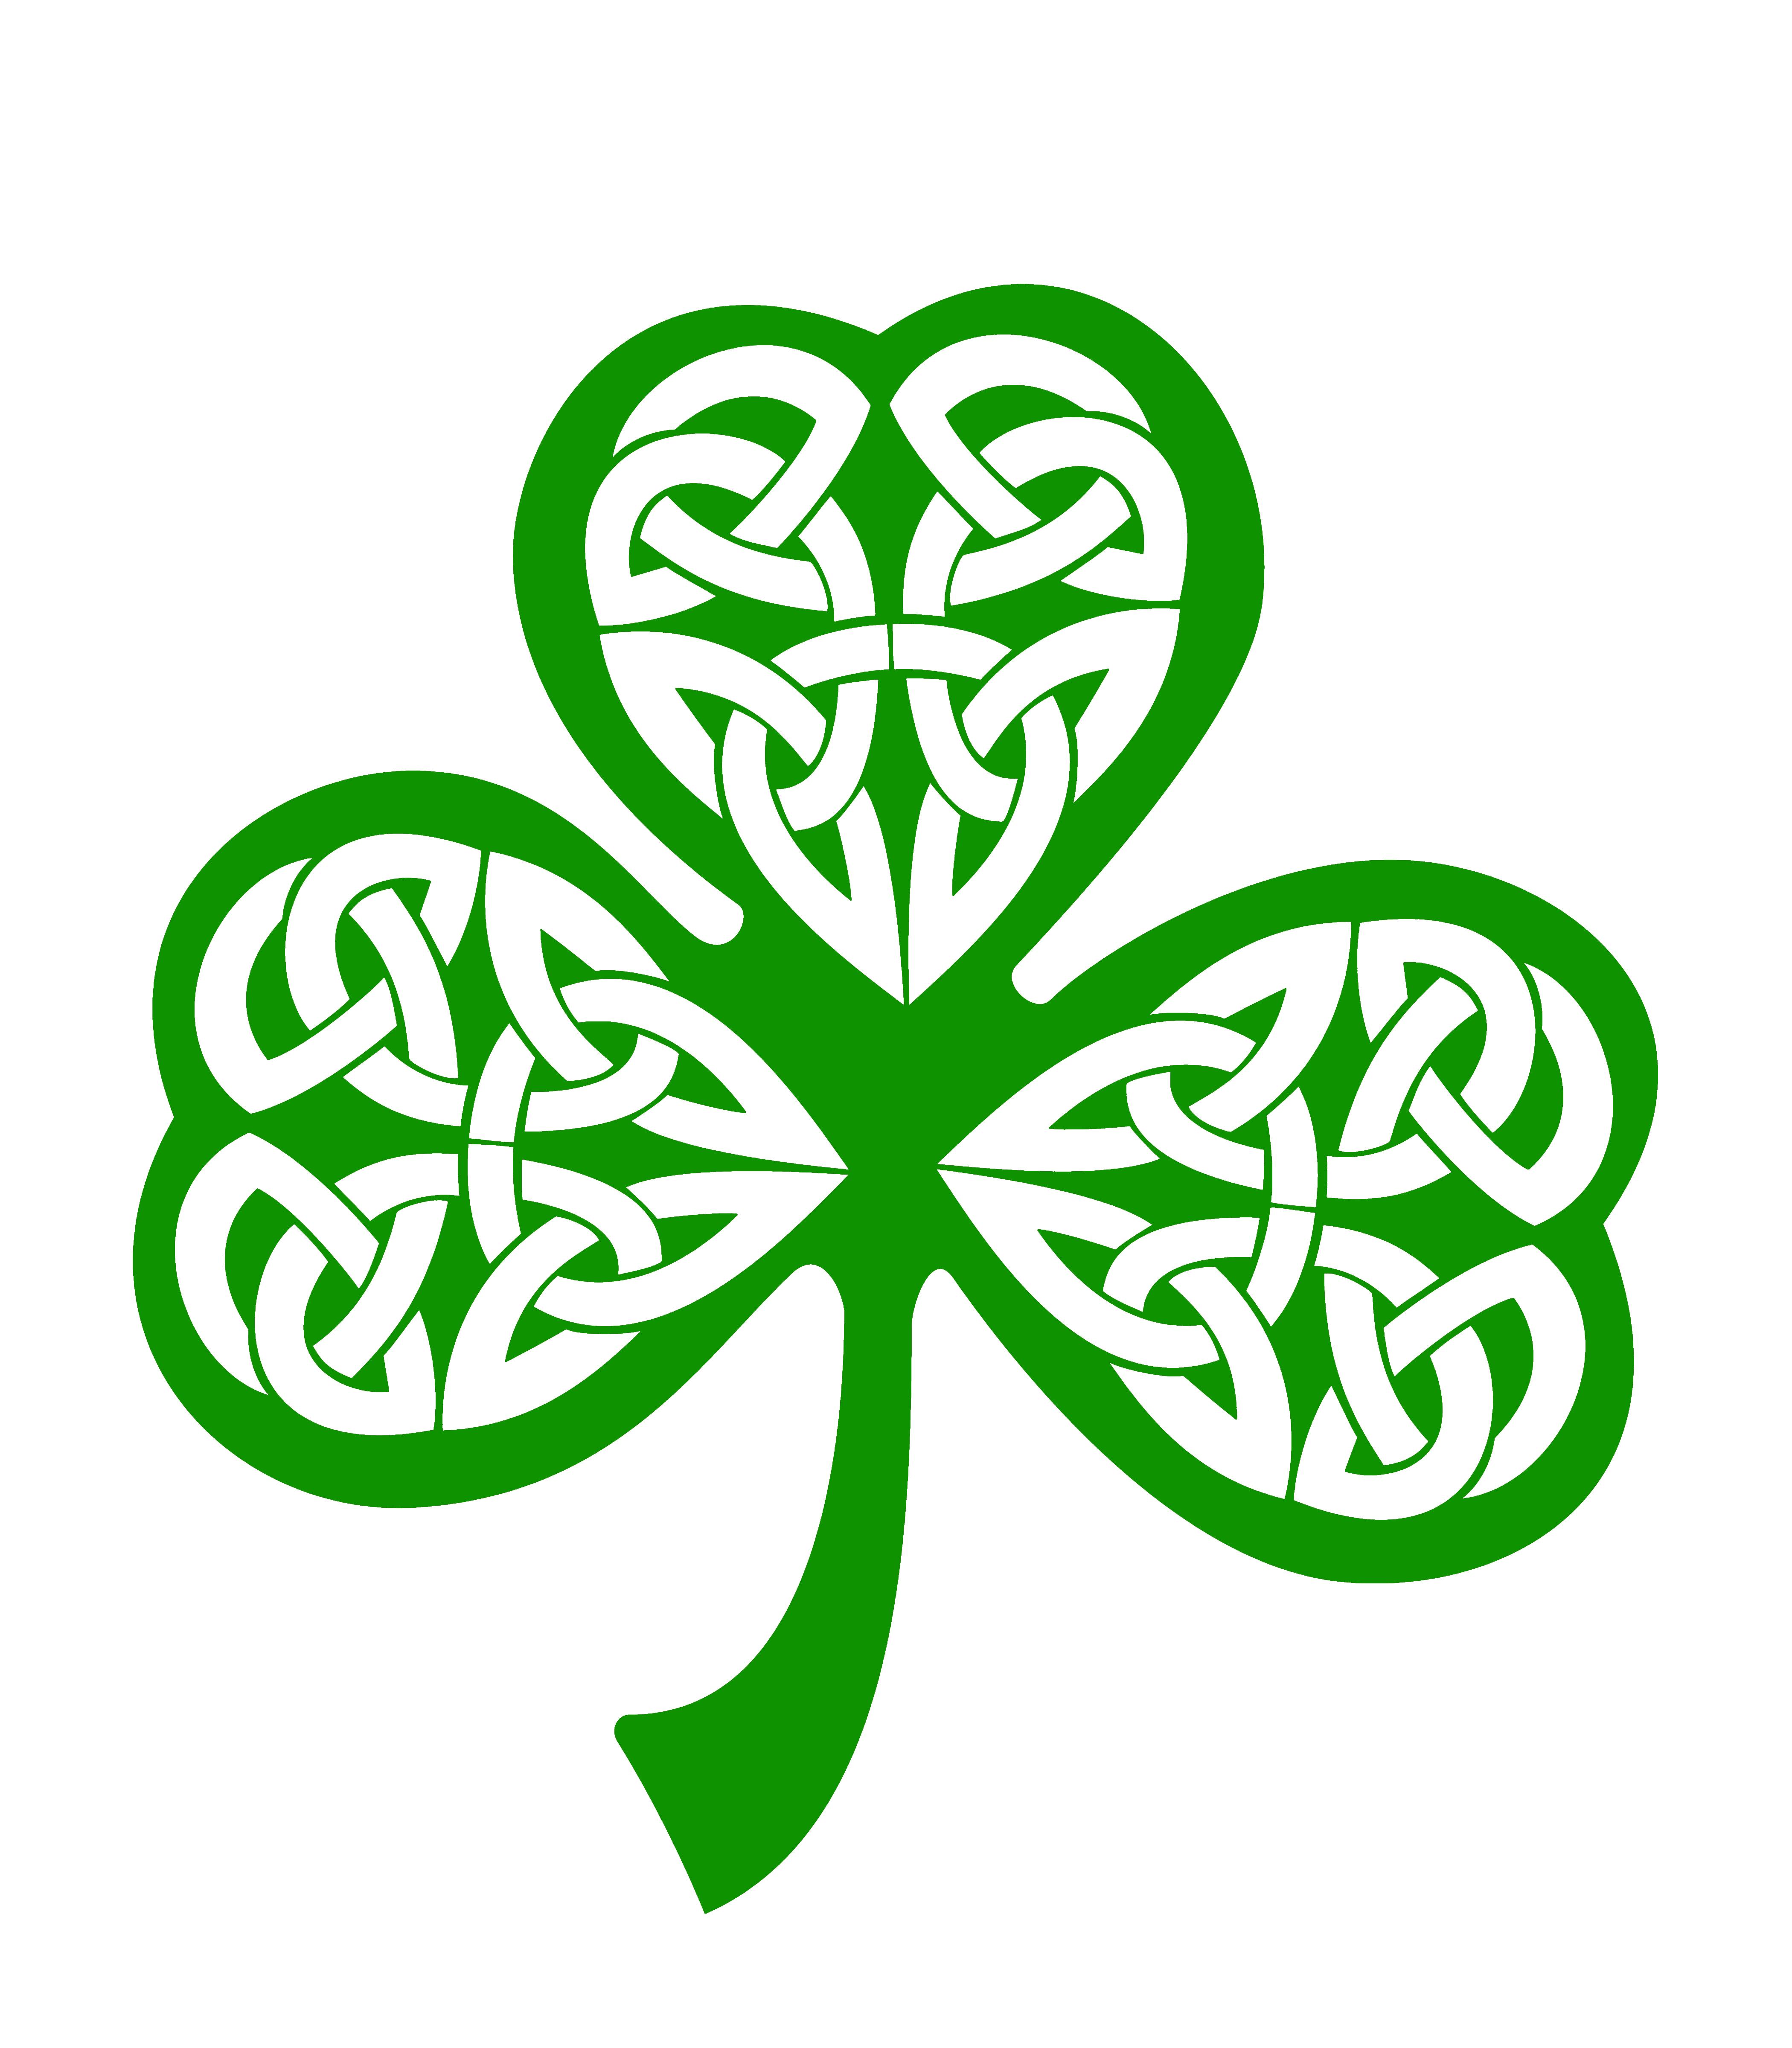 Green celtic cross clipart clip transparent Celtic Crosses Clipart | Free download best Celtic Crosses Clipart ... clip transparent